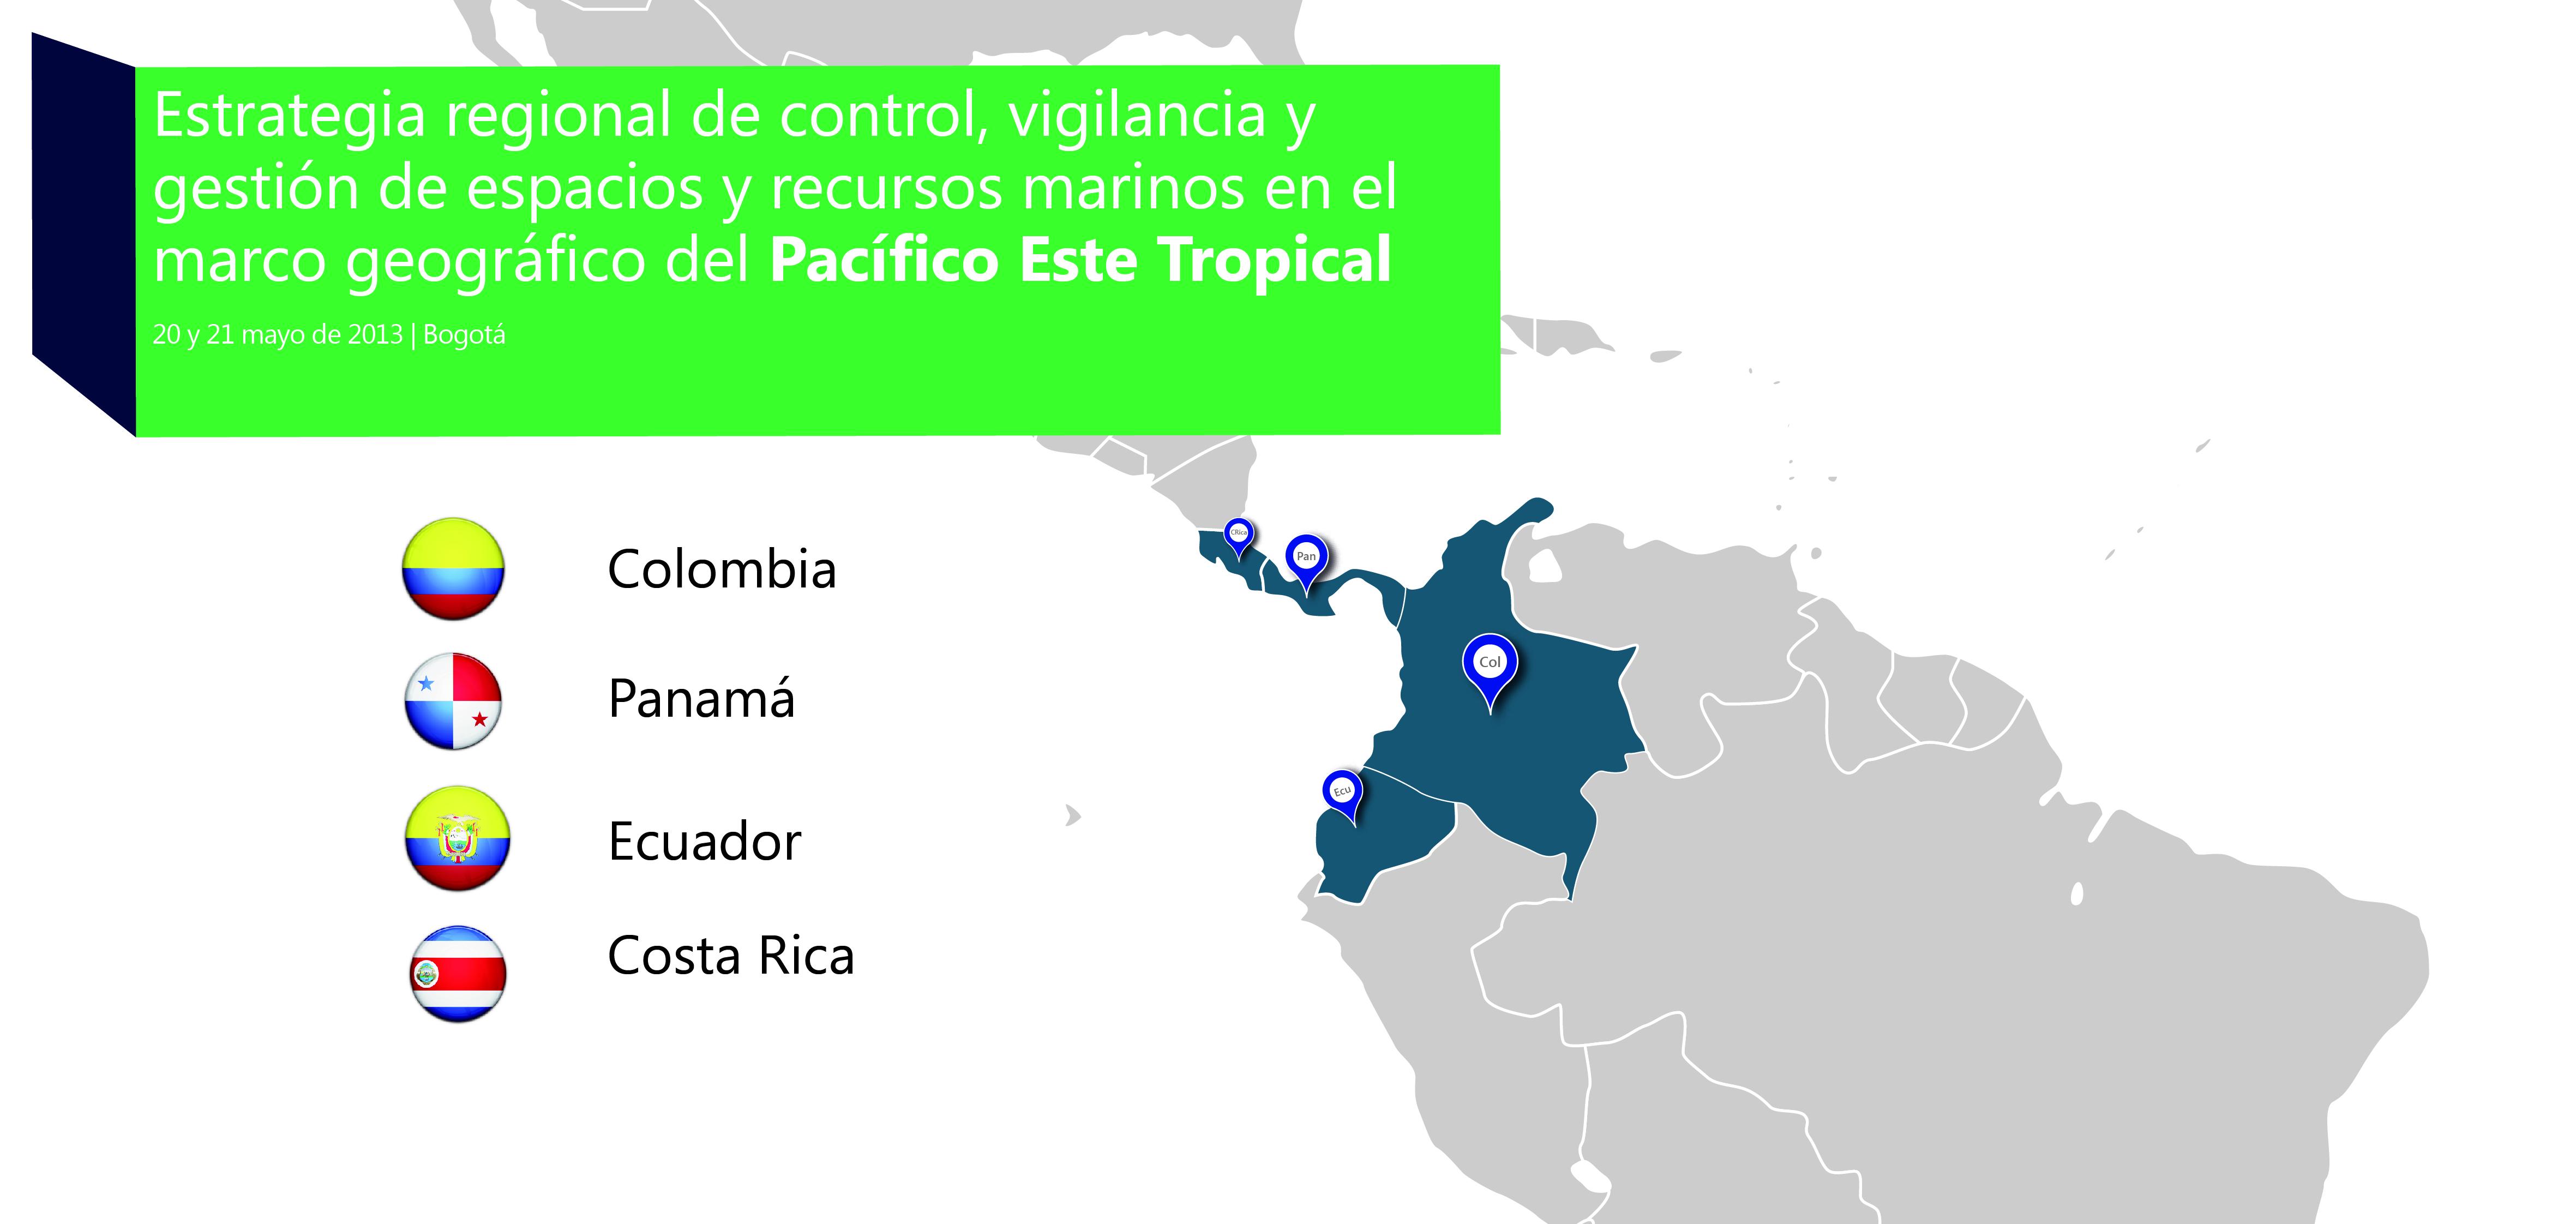 Delegaciones de colombia costa rica ecuador y panam - Gestion de espacios ...